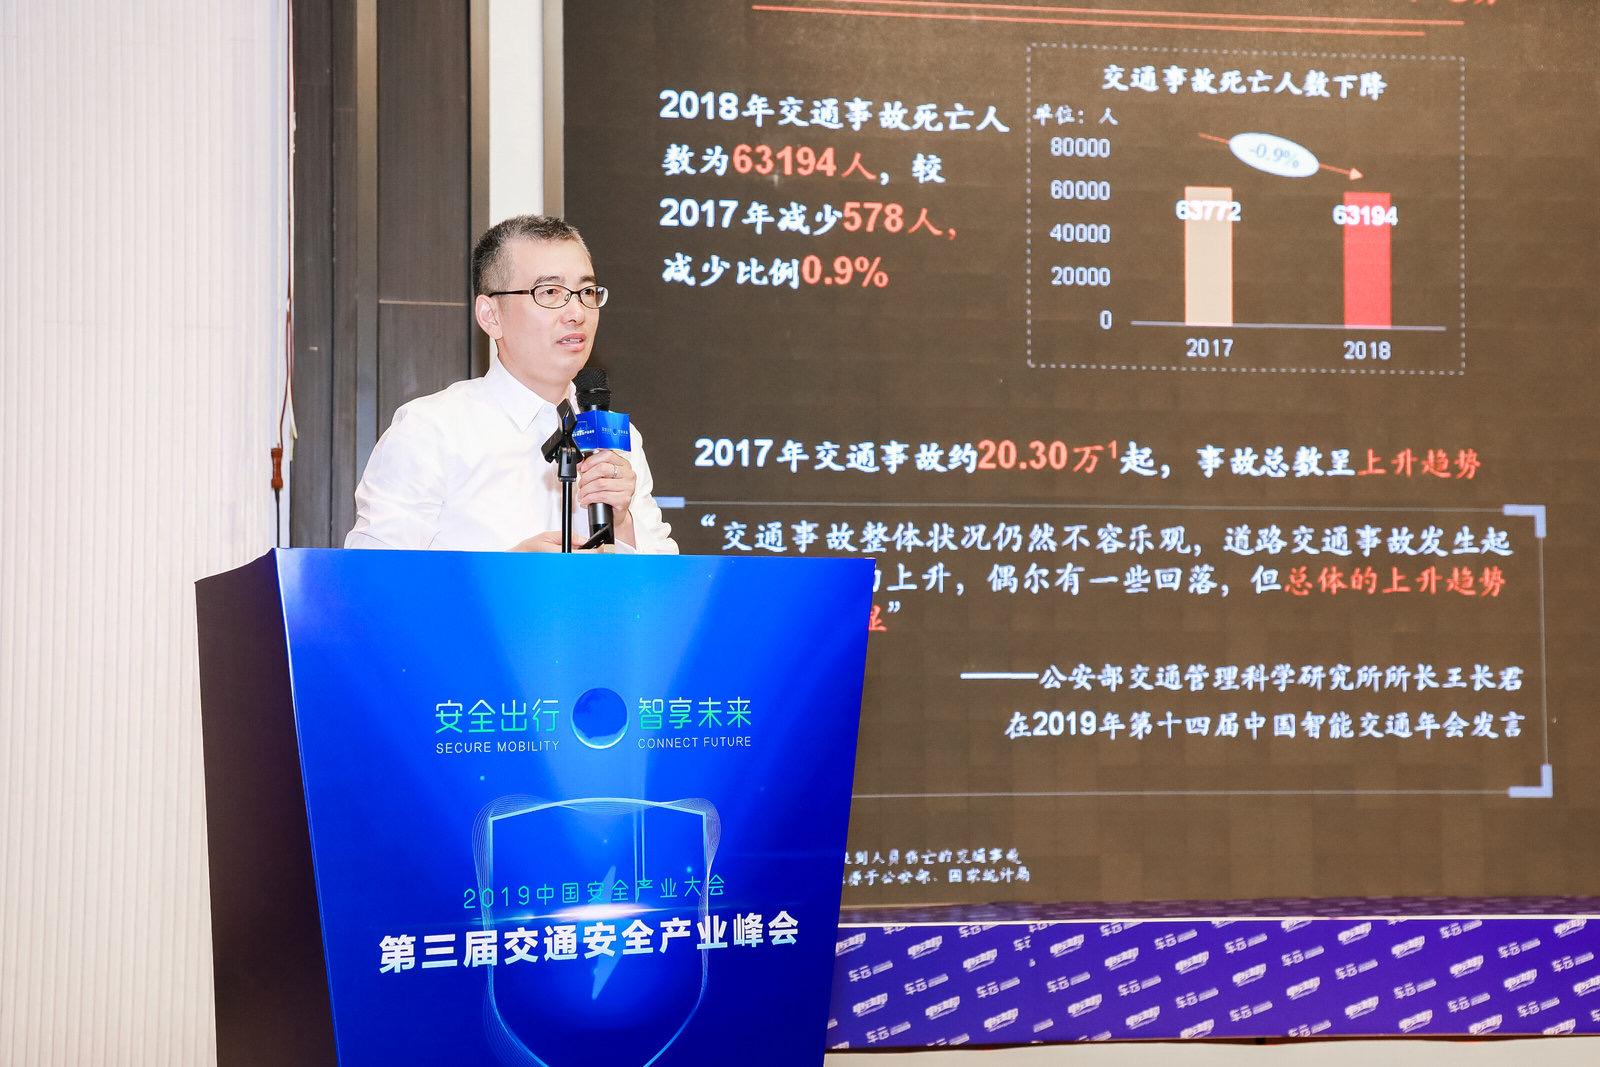 中国平安财产保险副总经理朱友刚